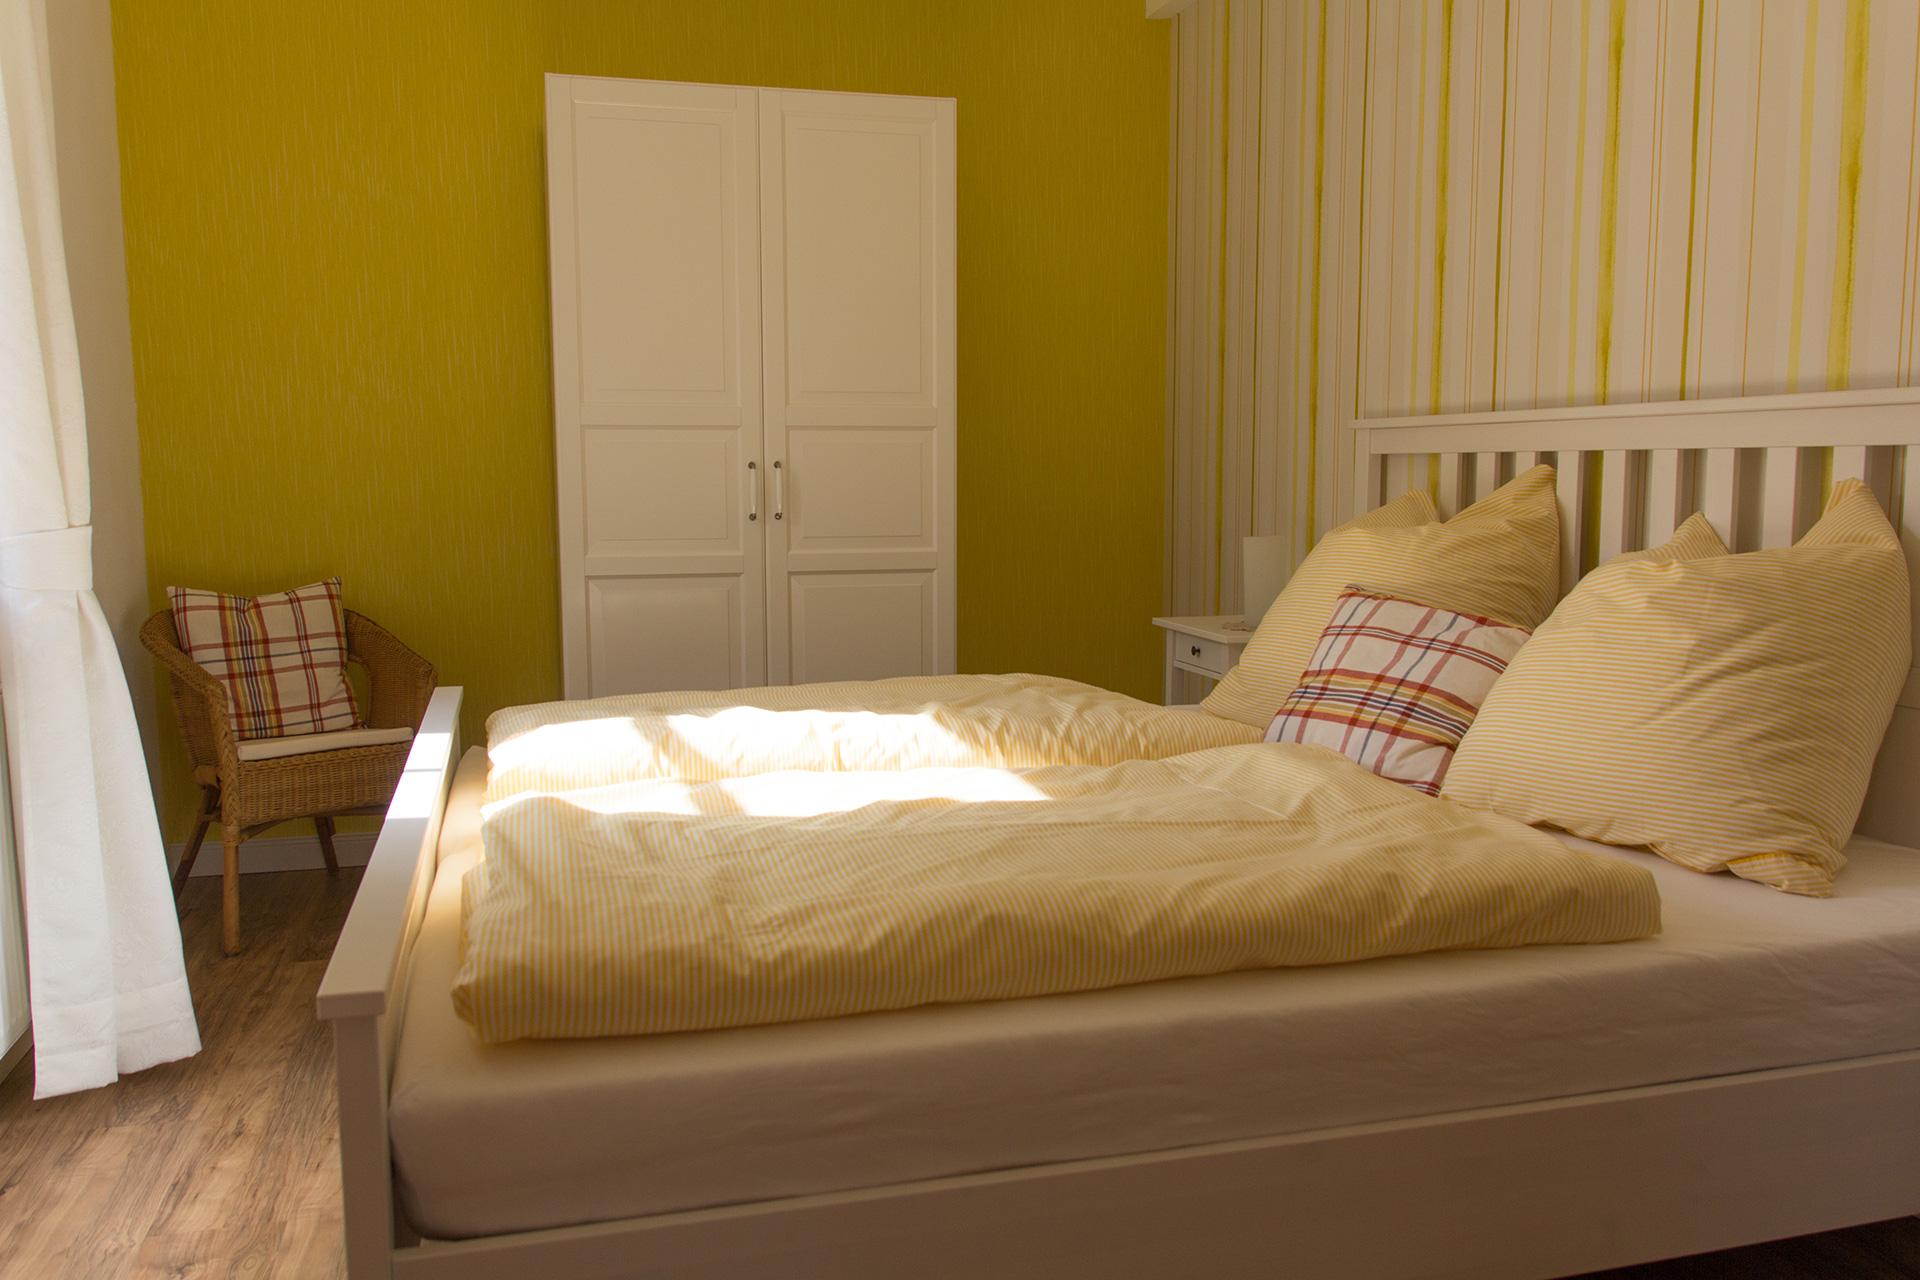 Ferienwohnung Amtsstube - Schlafzimmer